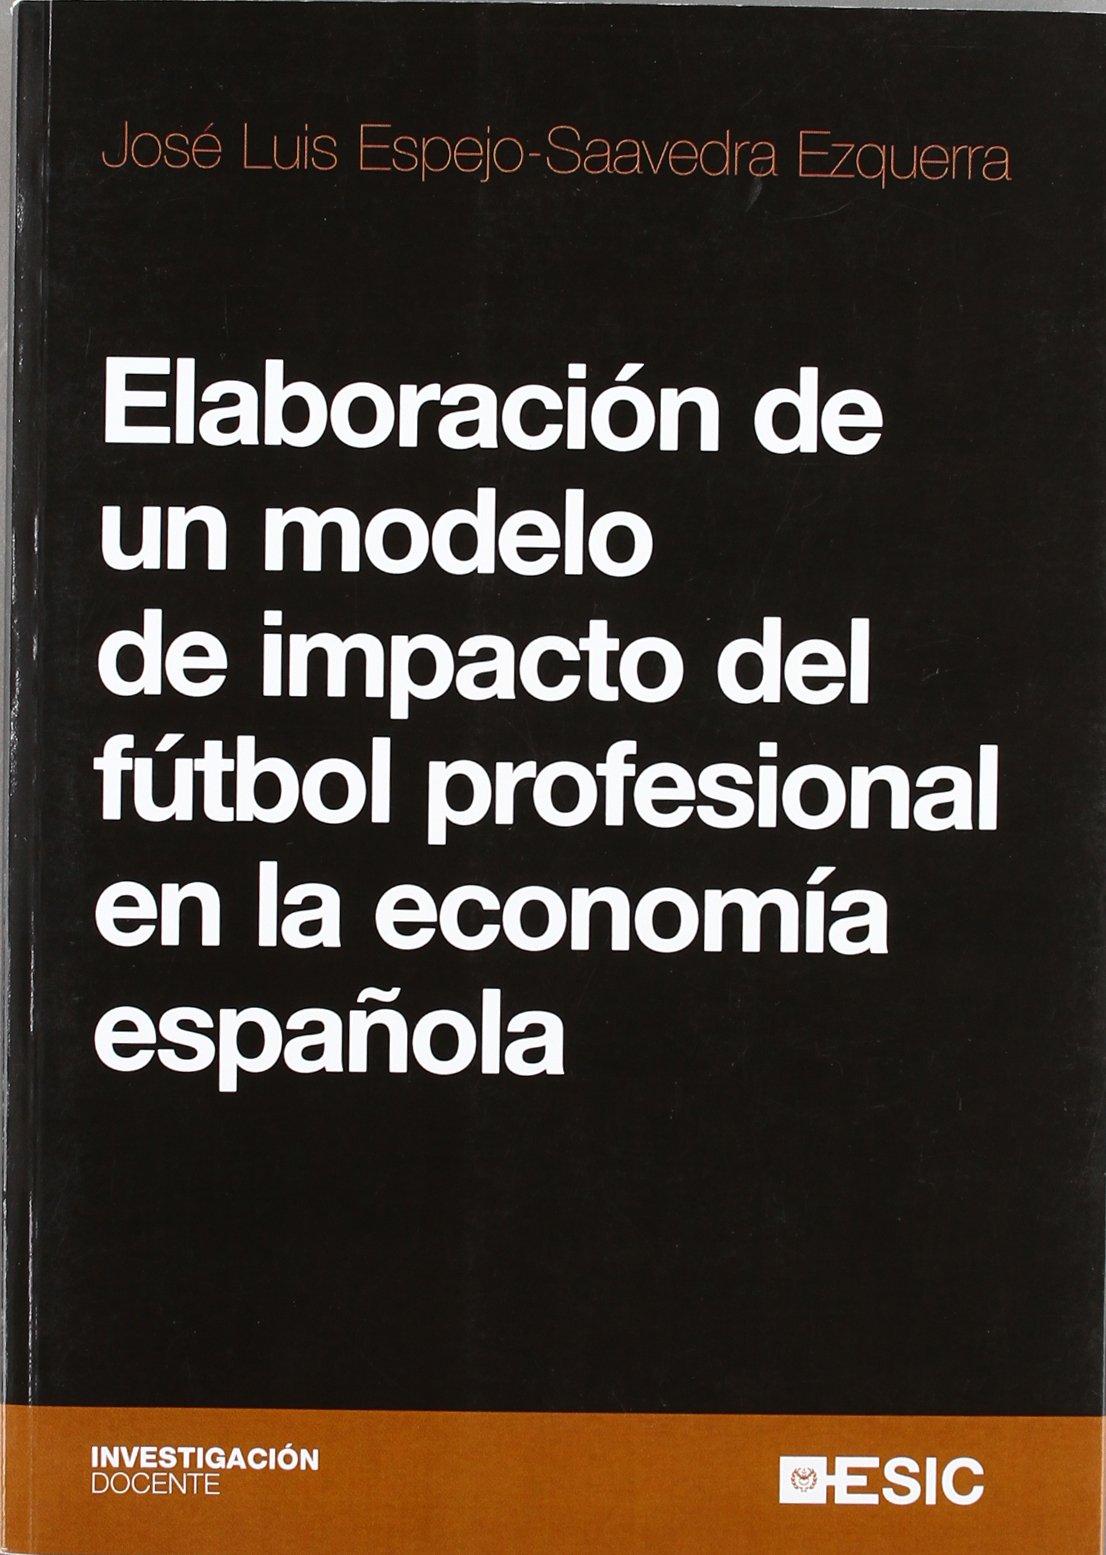 Elaboración de un modelo de impacto del fútbol profesional en la economía española Investigación docente: Amazon.es: Espejo-Saavedra Ezquerra, José Luis: Libros